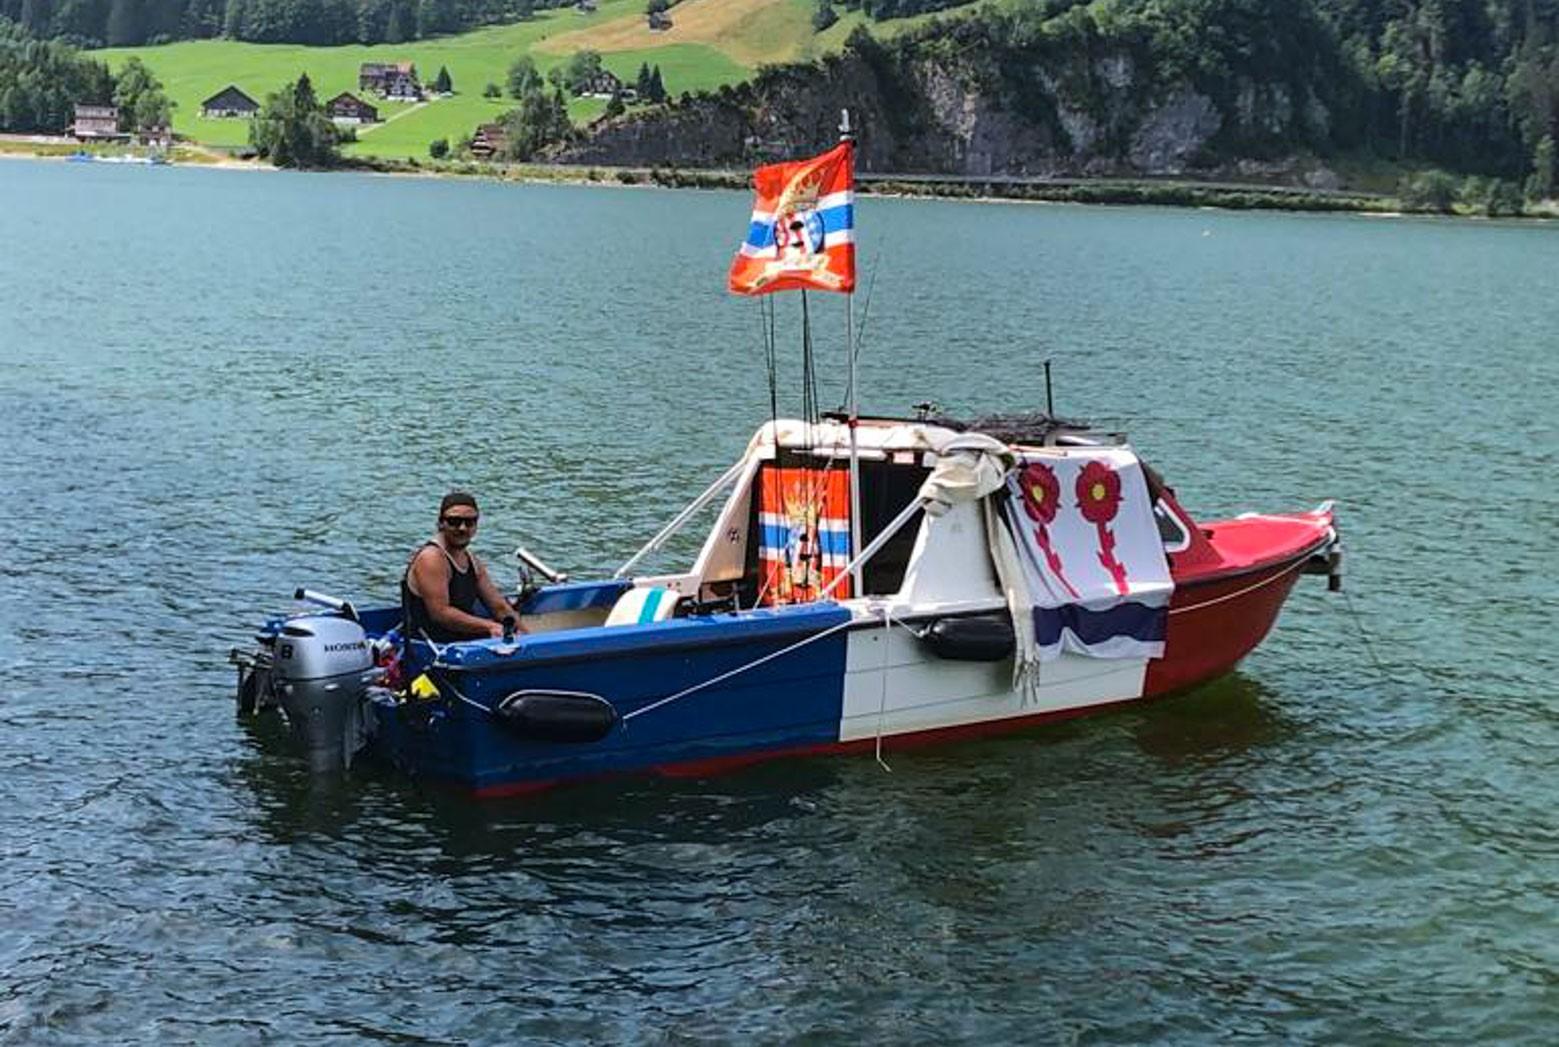 Bild:Guido Wanger in seinem Rappi-Boot auf dem Silsersee. Jetzt will er in der eNationalleague auf Punktefang gehen.